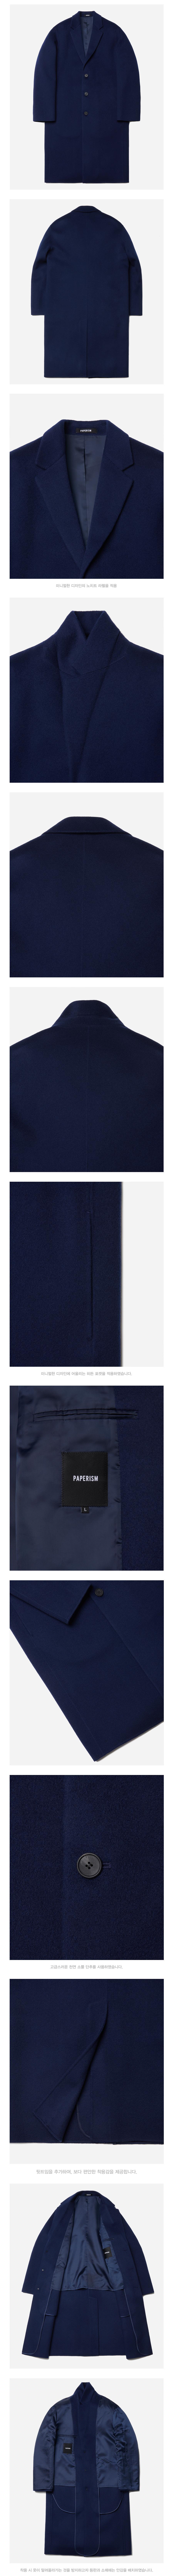 페이퍼리즘(PAPERISM) 핸드메이드 체스터 코트 [딥 블루]